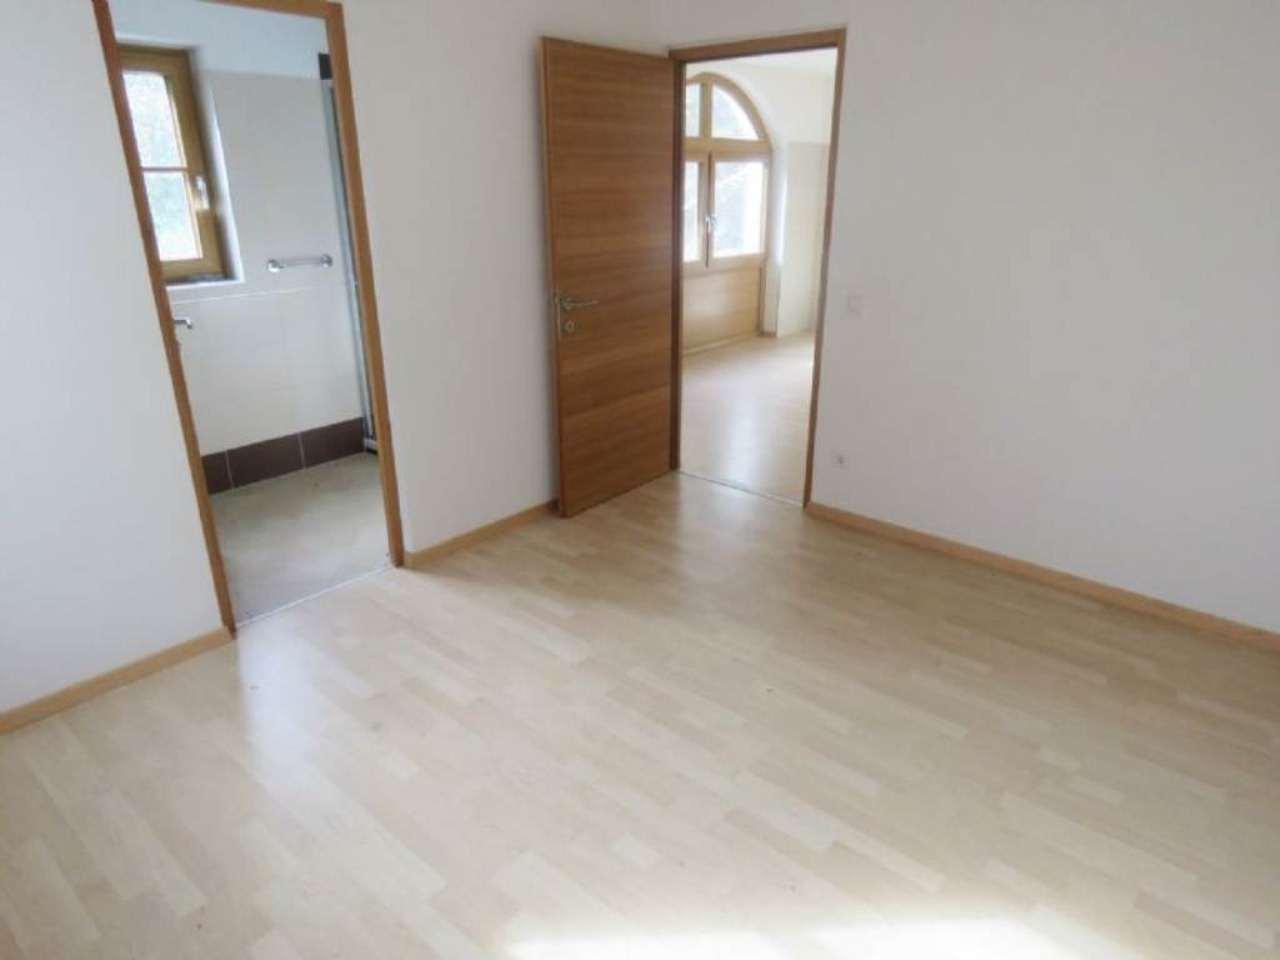 Appartamento in vendita a Malles Venosta, 2 locali, prezzo € 107.000 | Cambio Casa.it